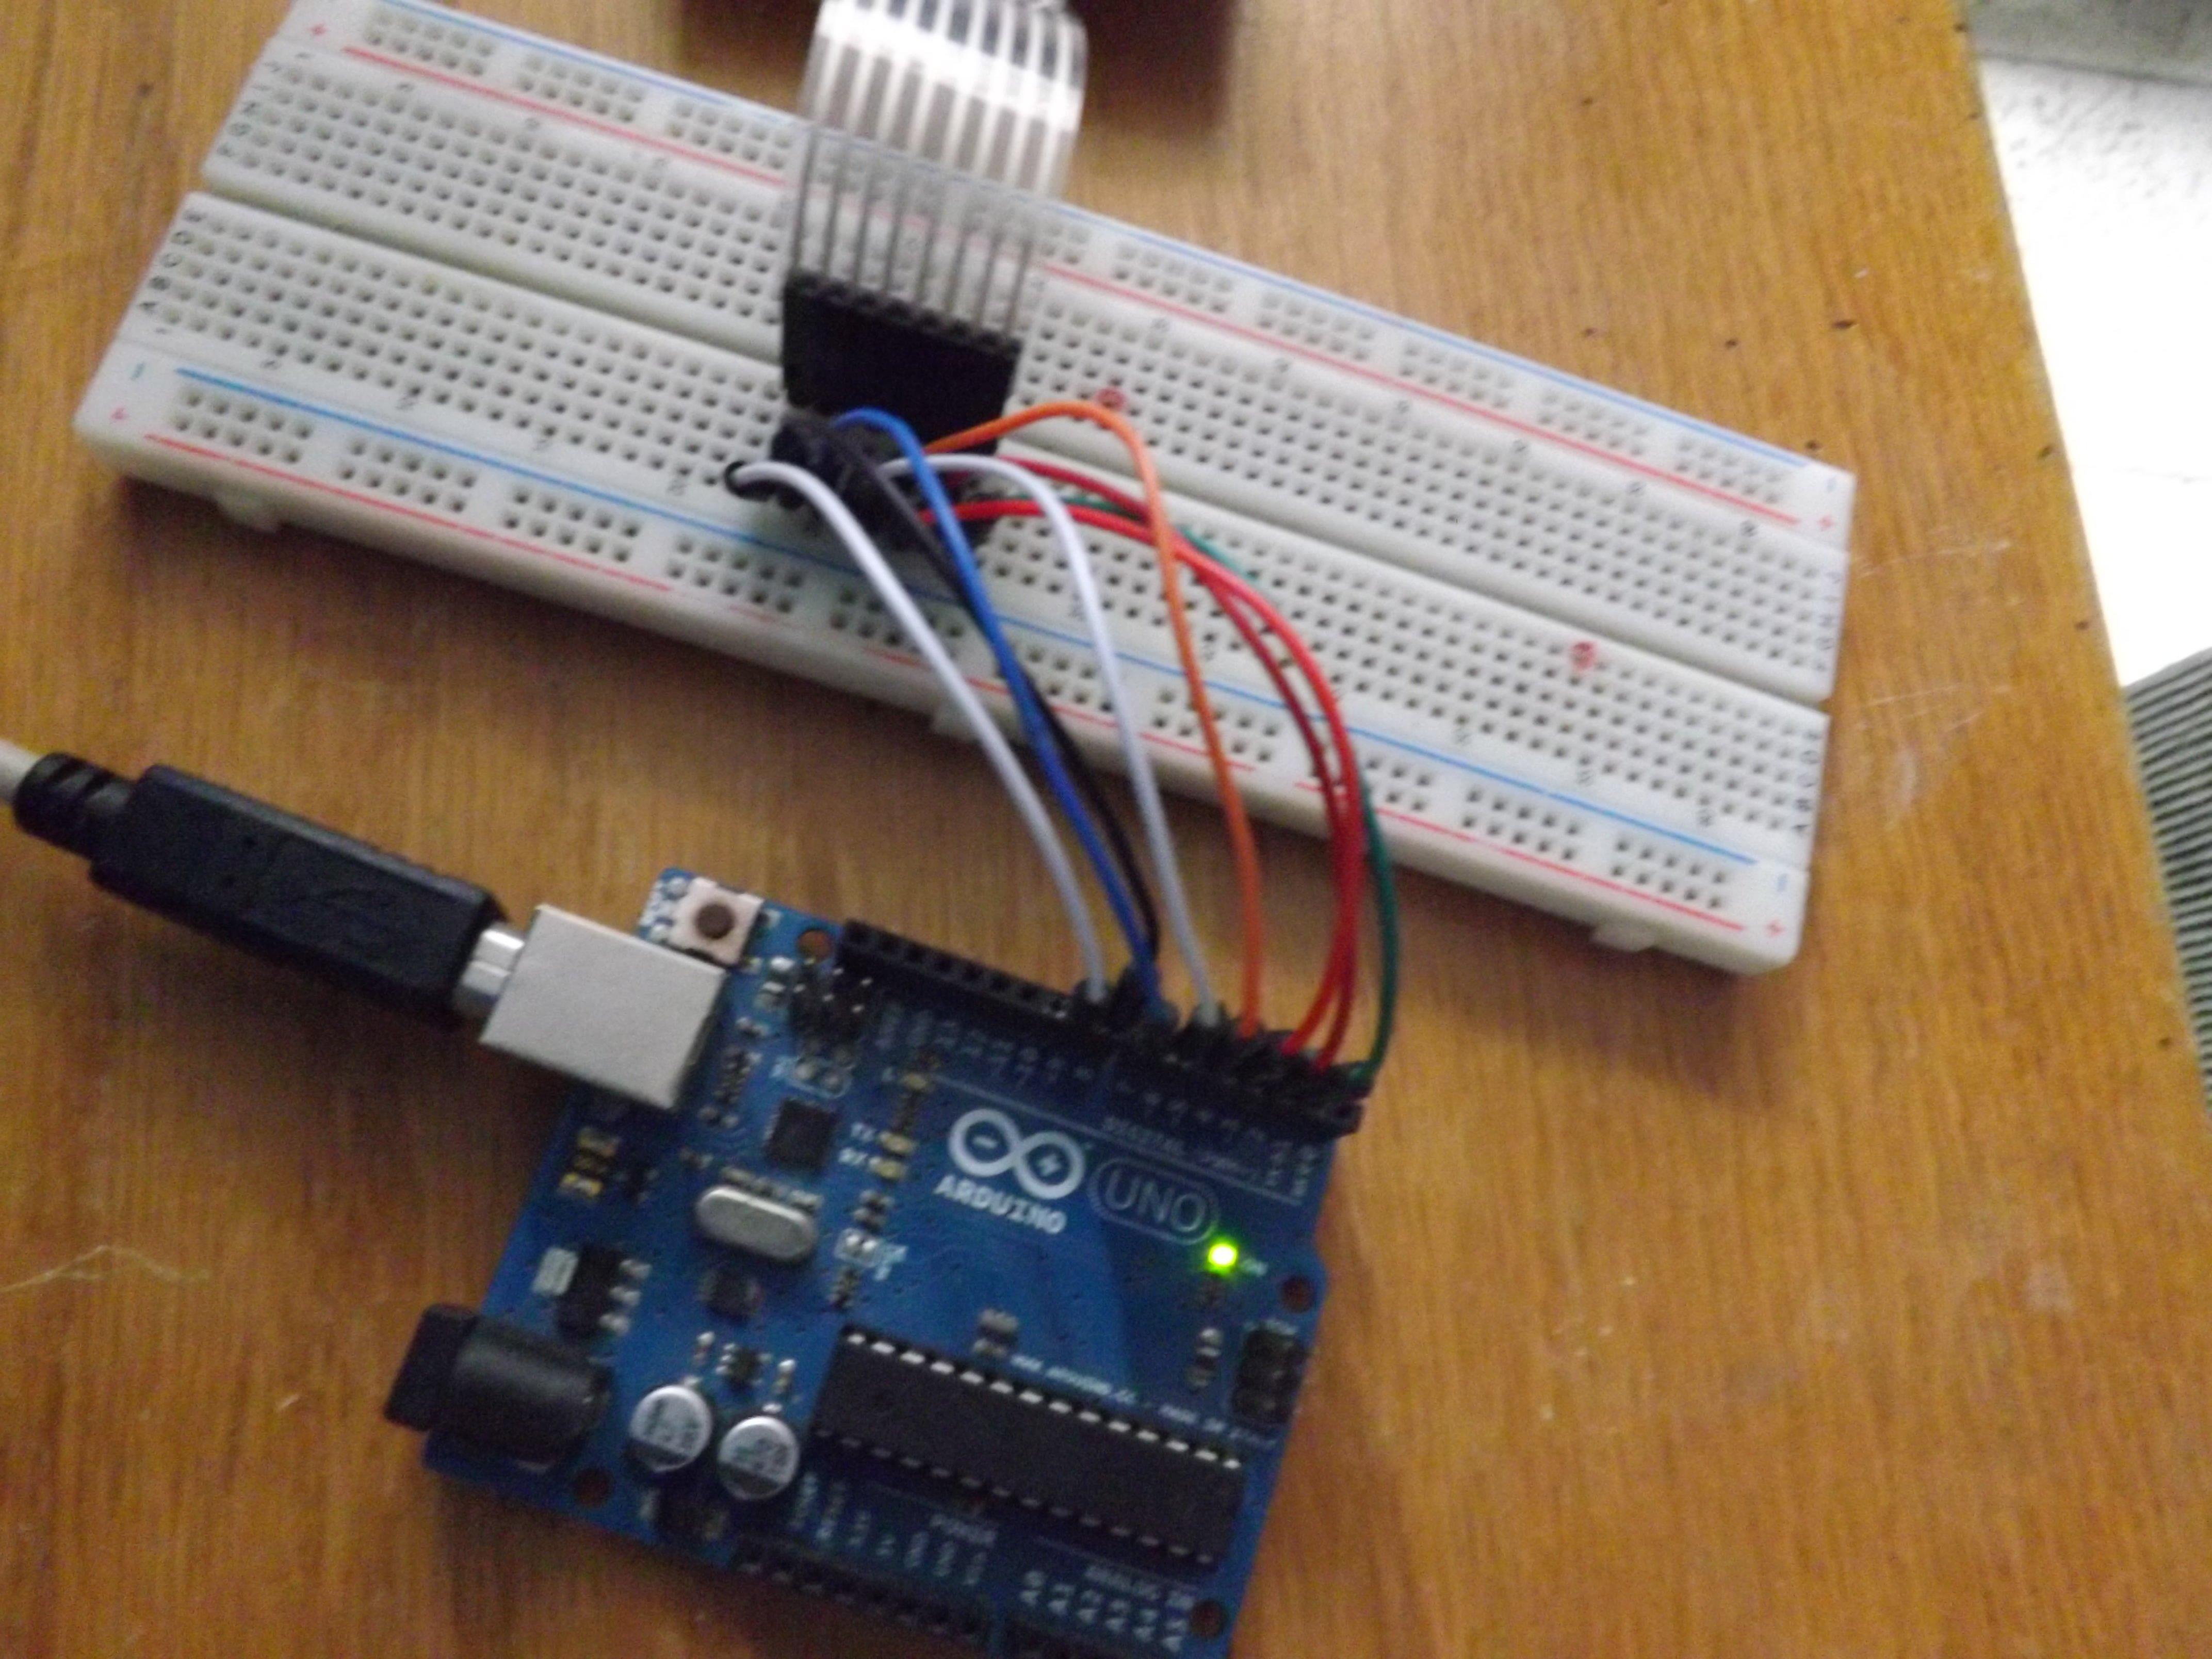 imagen8: led del pin 13 del arduino apagado